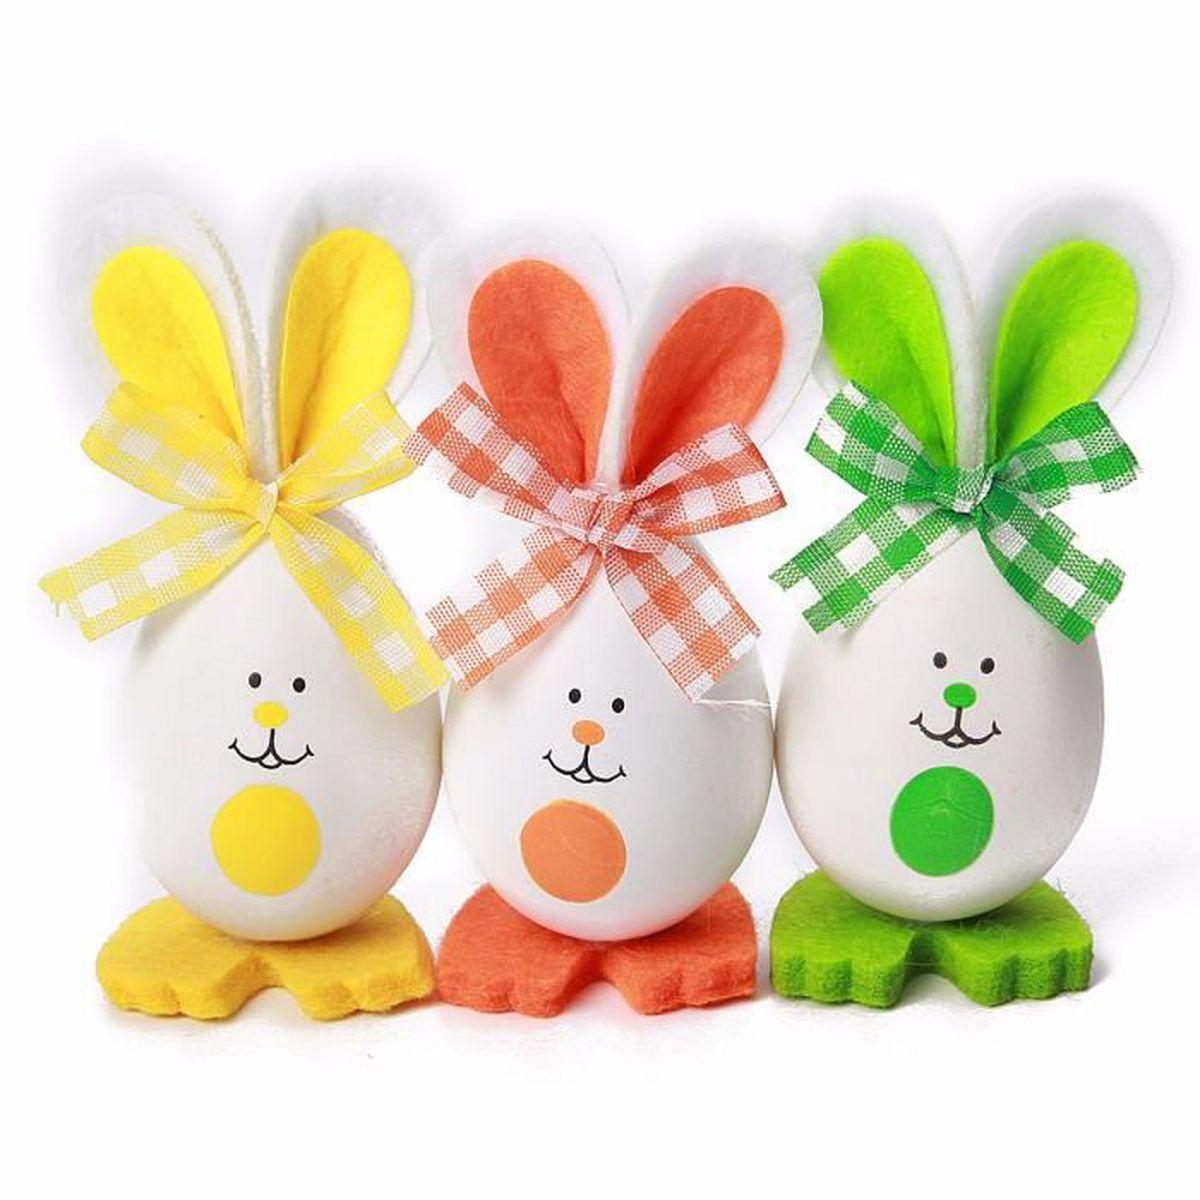 Tempsa 3pcs Oeufs De Pâques Lapin Pour Décoration Fête Enfant Jouet